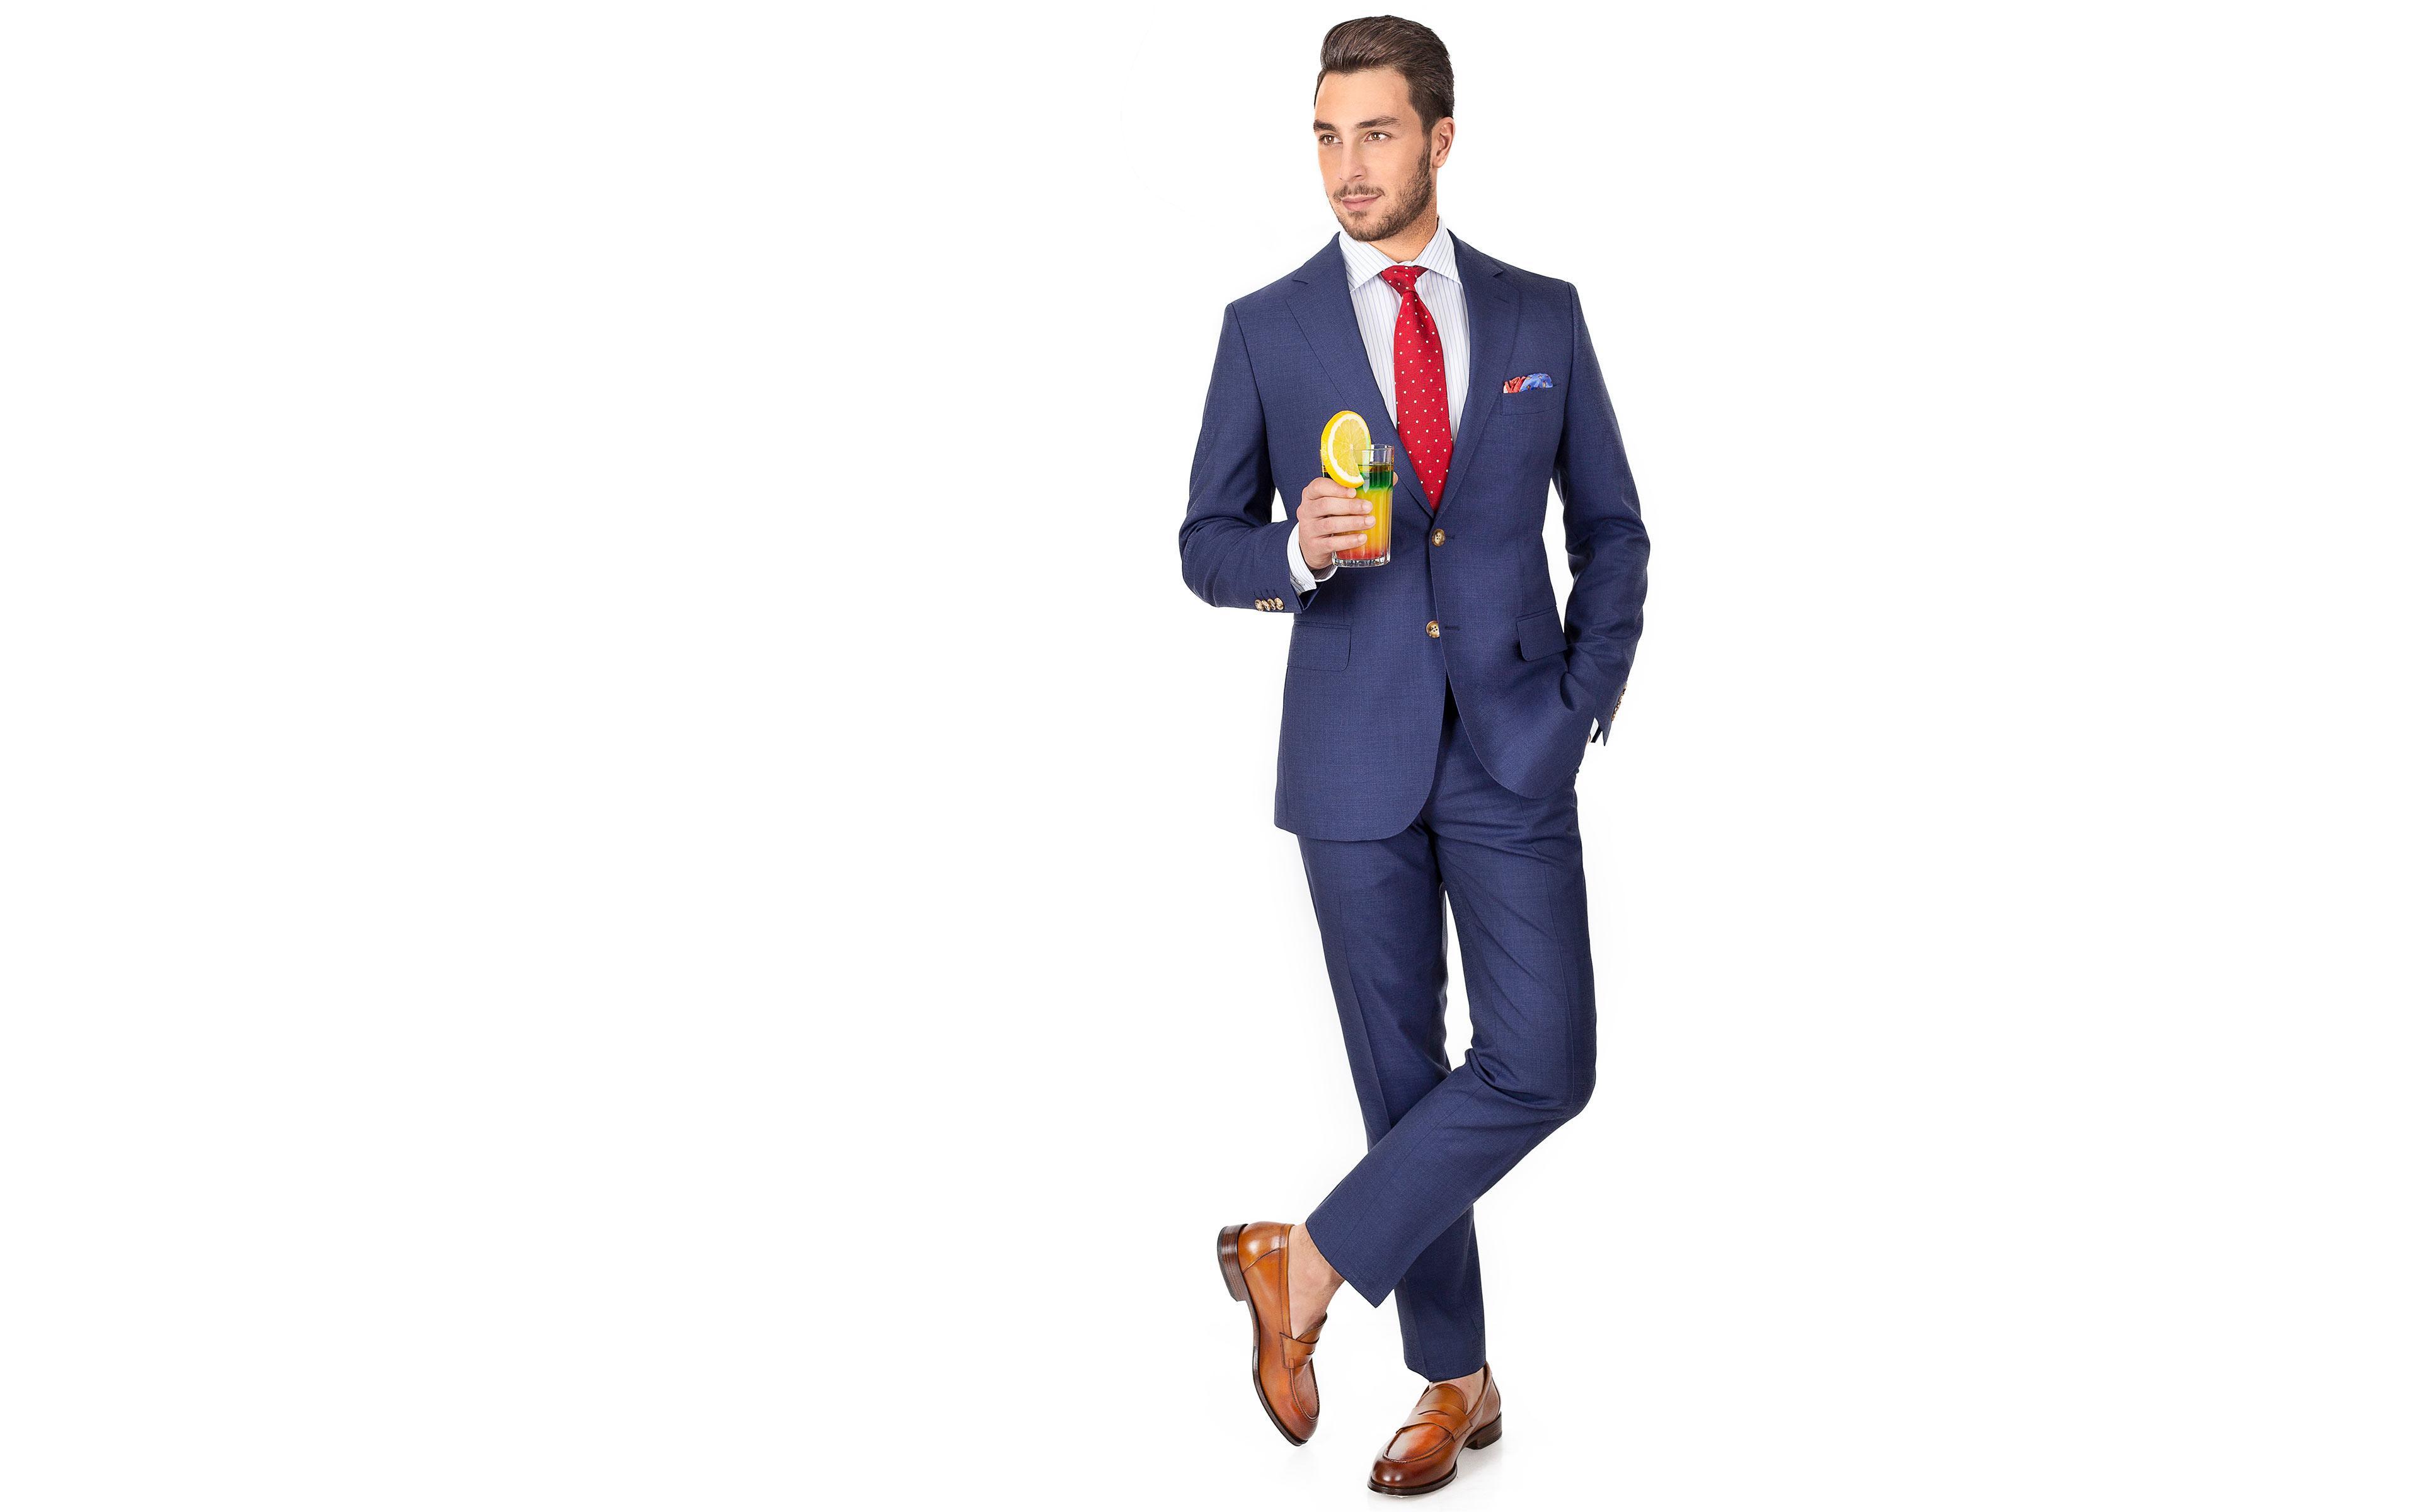 Tropical Rustic Blue Suit